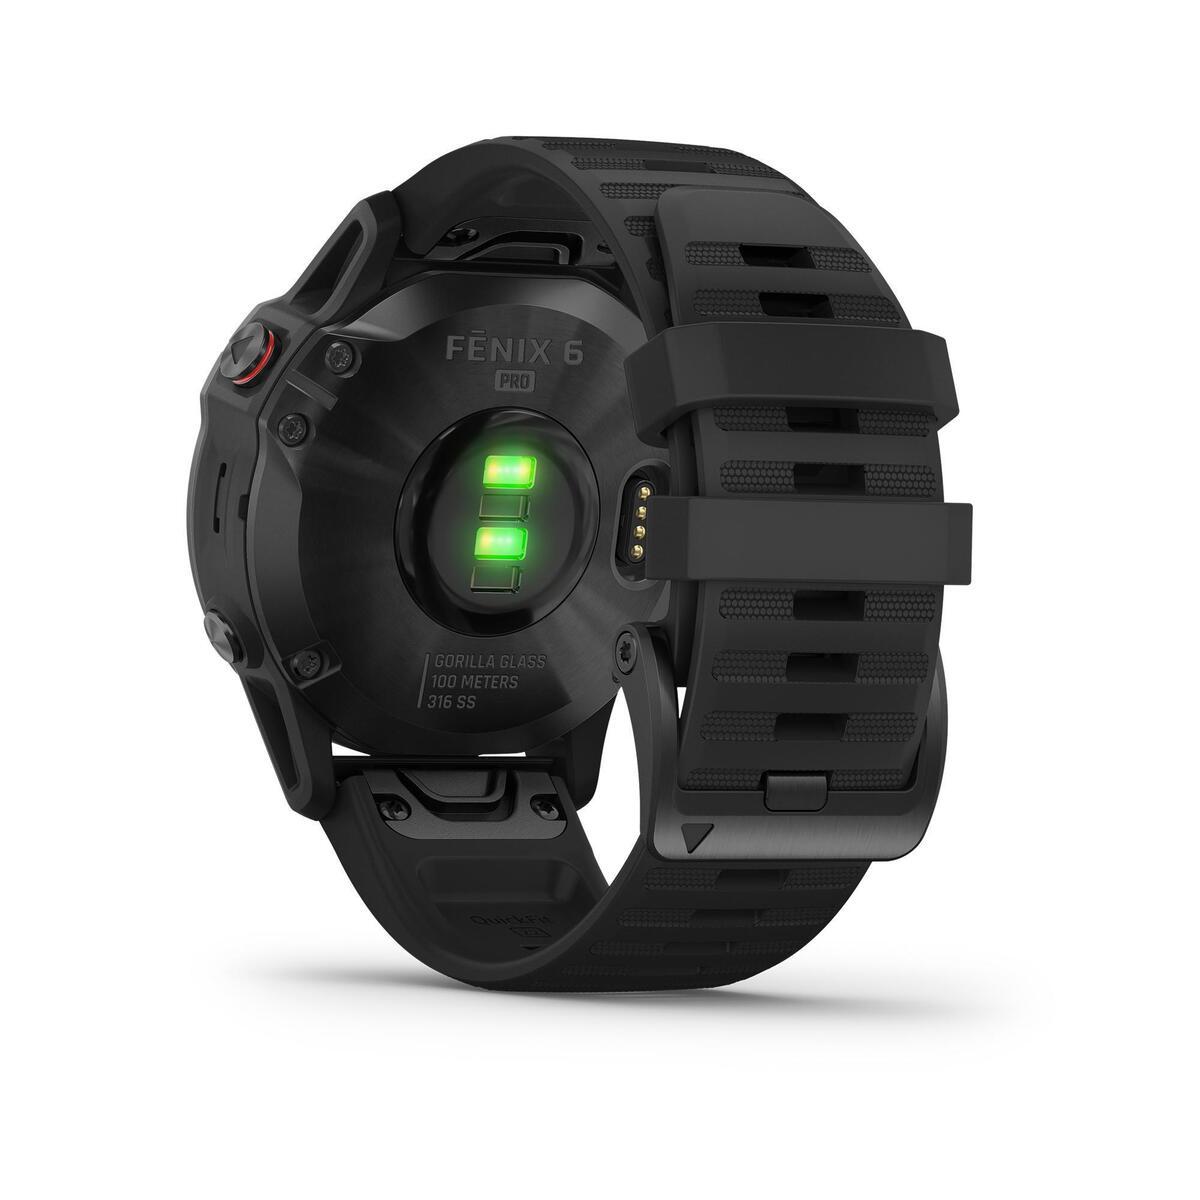 Bild 5 von GPS-Multisportuhr Fenix 6 Pro grau schwarzes Armband